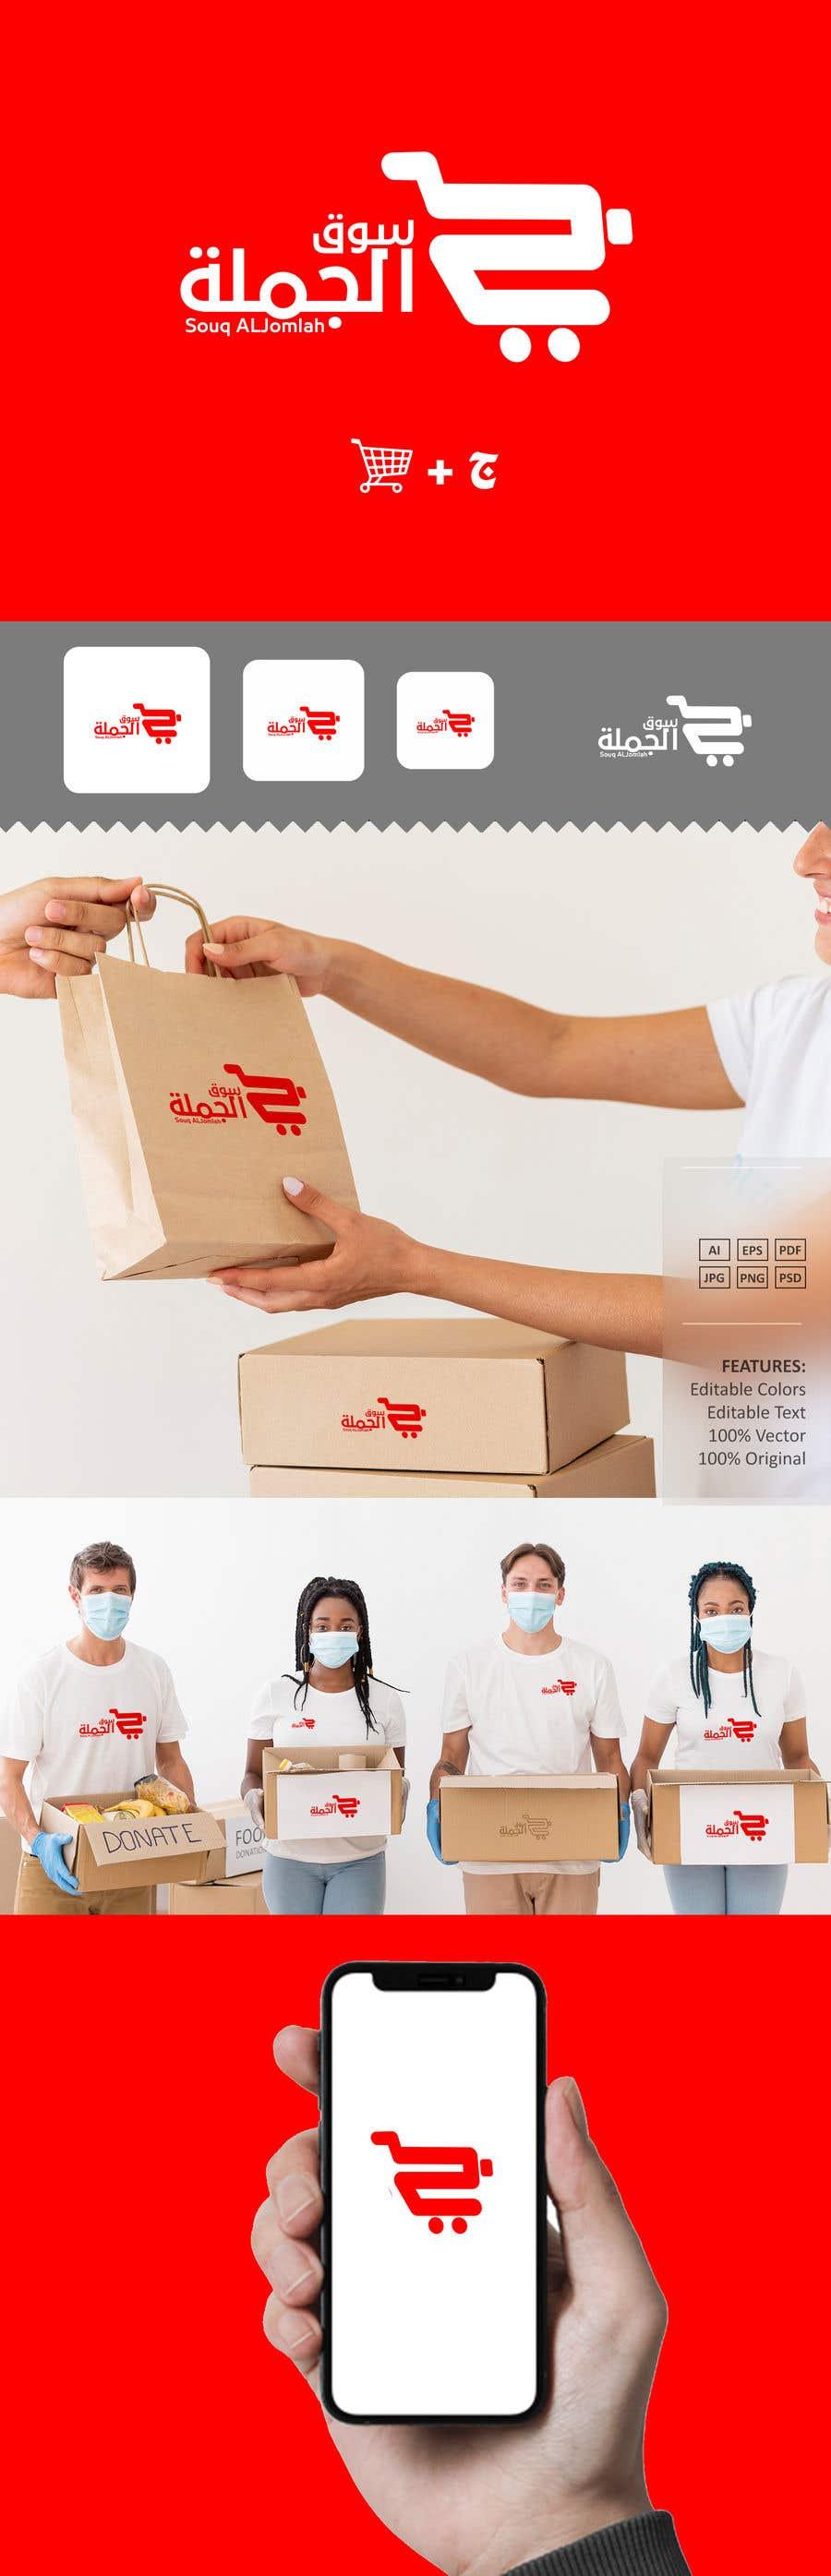 Konkurrenceindlæg #                                        123                                      for                                         Logo design for a wholesale website, it should be simple